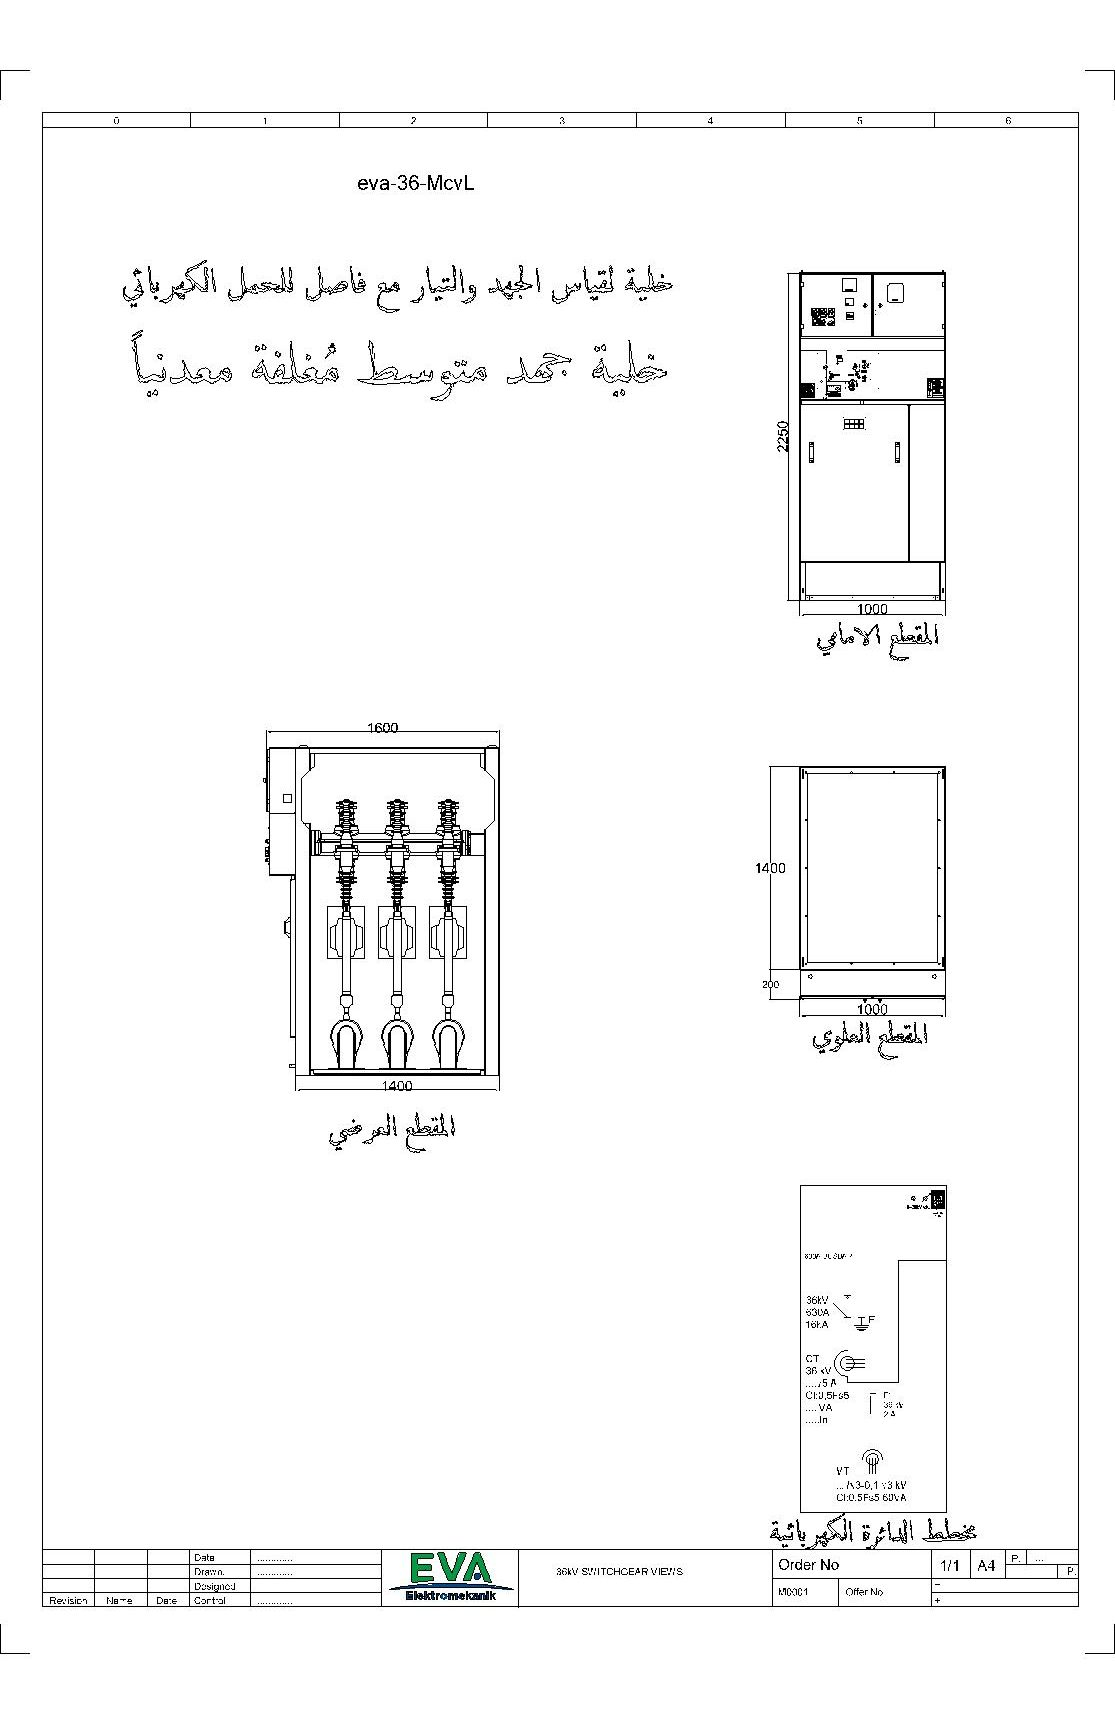 خلية لقياس الجهد والتيار مع فاصل للحمل الكهربائي